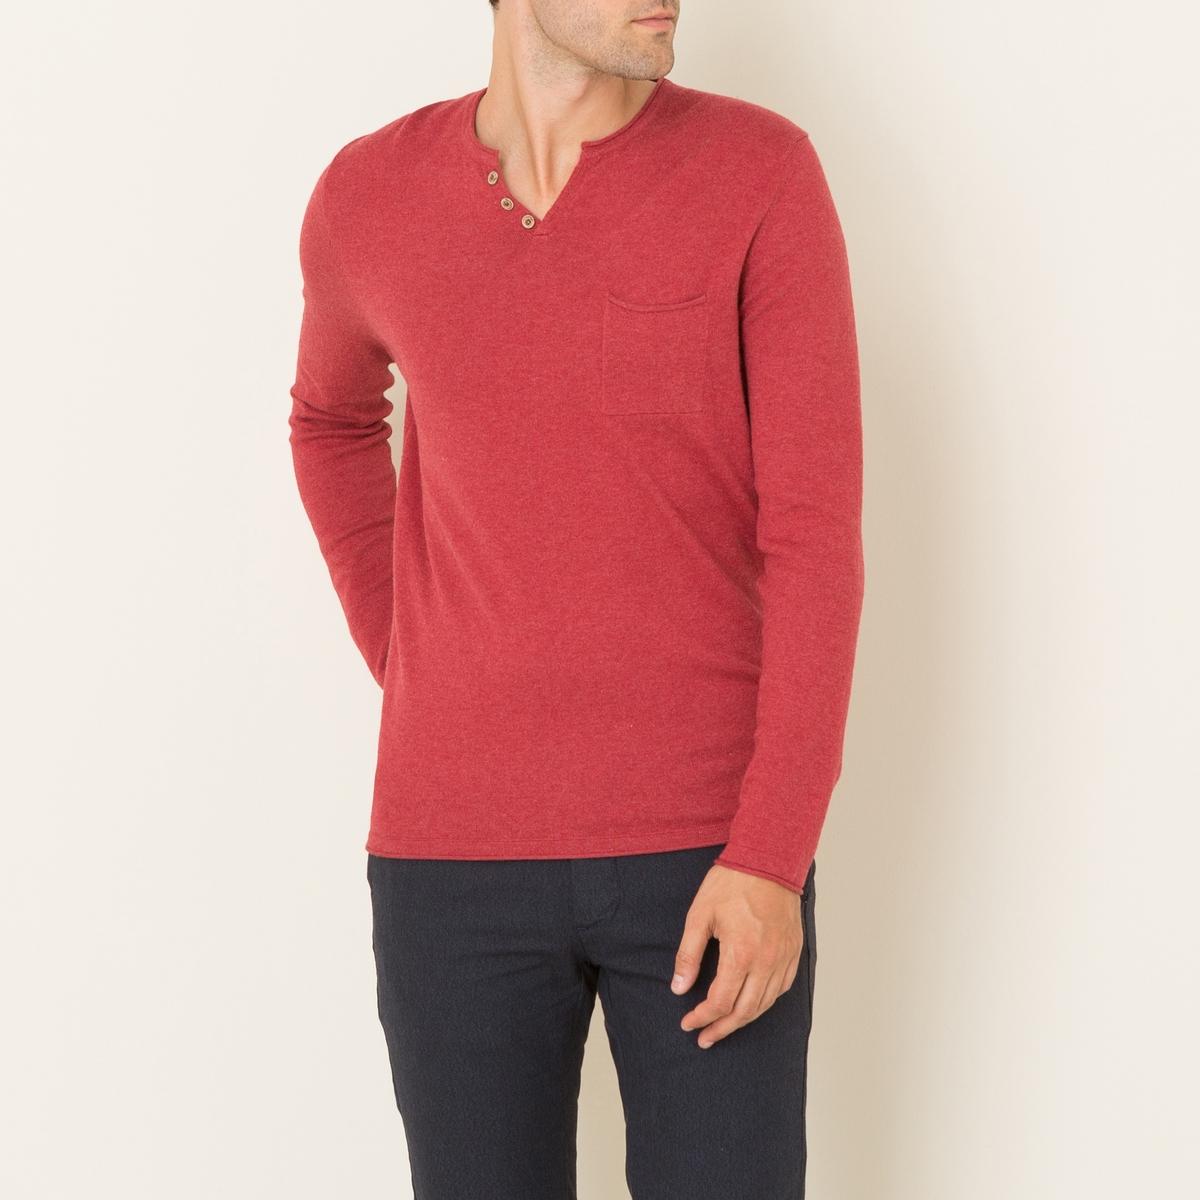 Пуловер SANCHOПуловер HARRIS WILSON - модель SANCHO. Тунисский ворот. Декоративные пуговицы. 1 нагрудный карман с подвернутыми краями. Длинные рукава. Прямой покрой. Состав и описание Материал : 92% хлопка, 8% кашемираМарка : HARRIS WILSON<br><br>Цвет: красный,серый